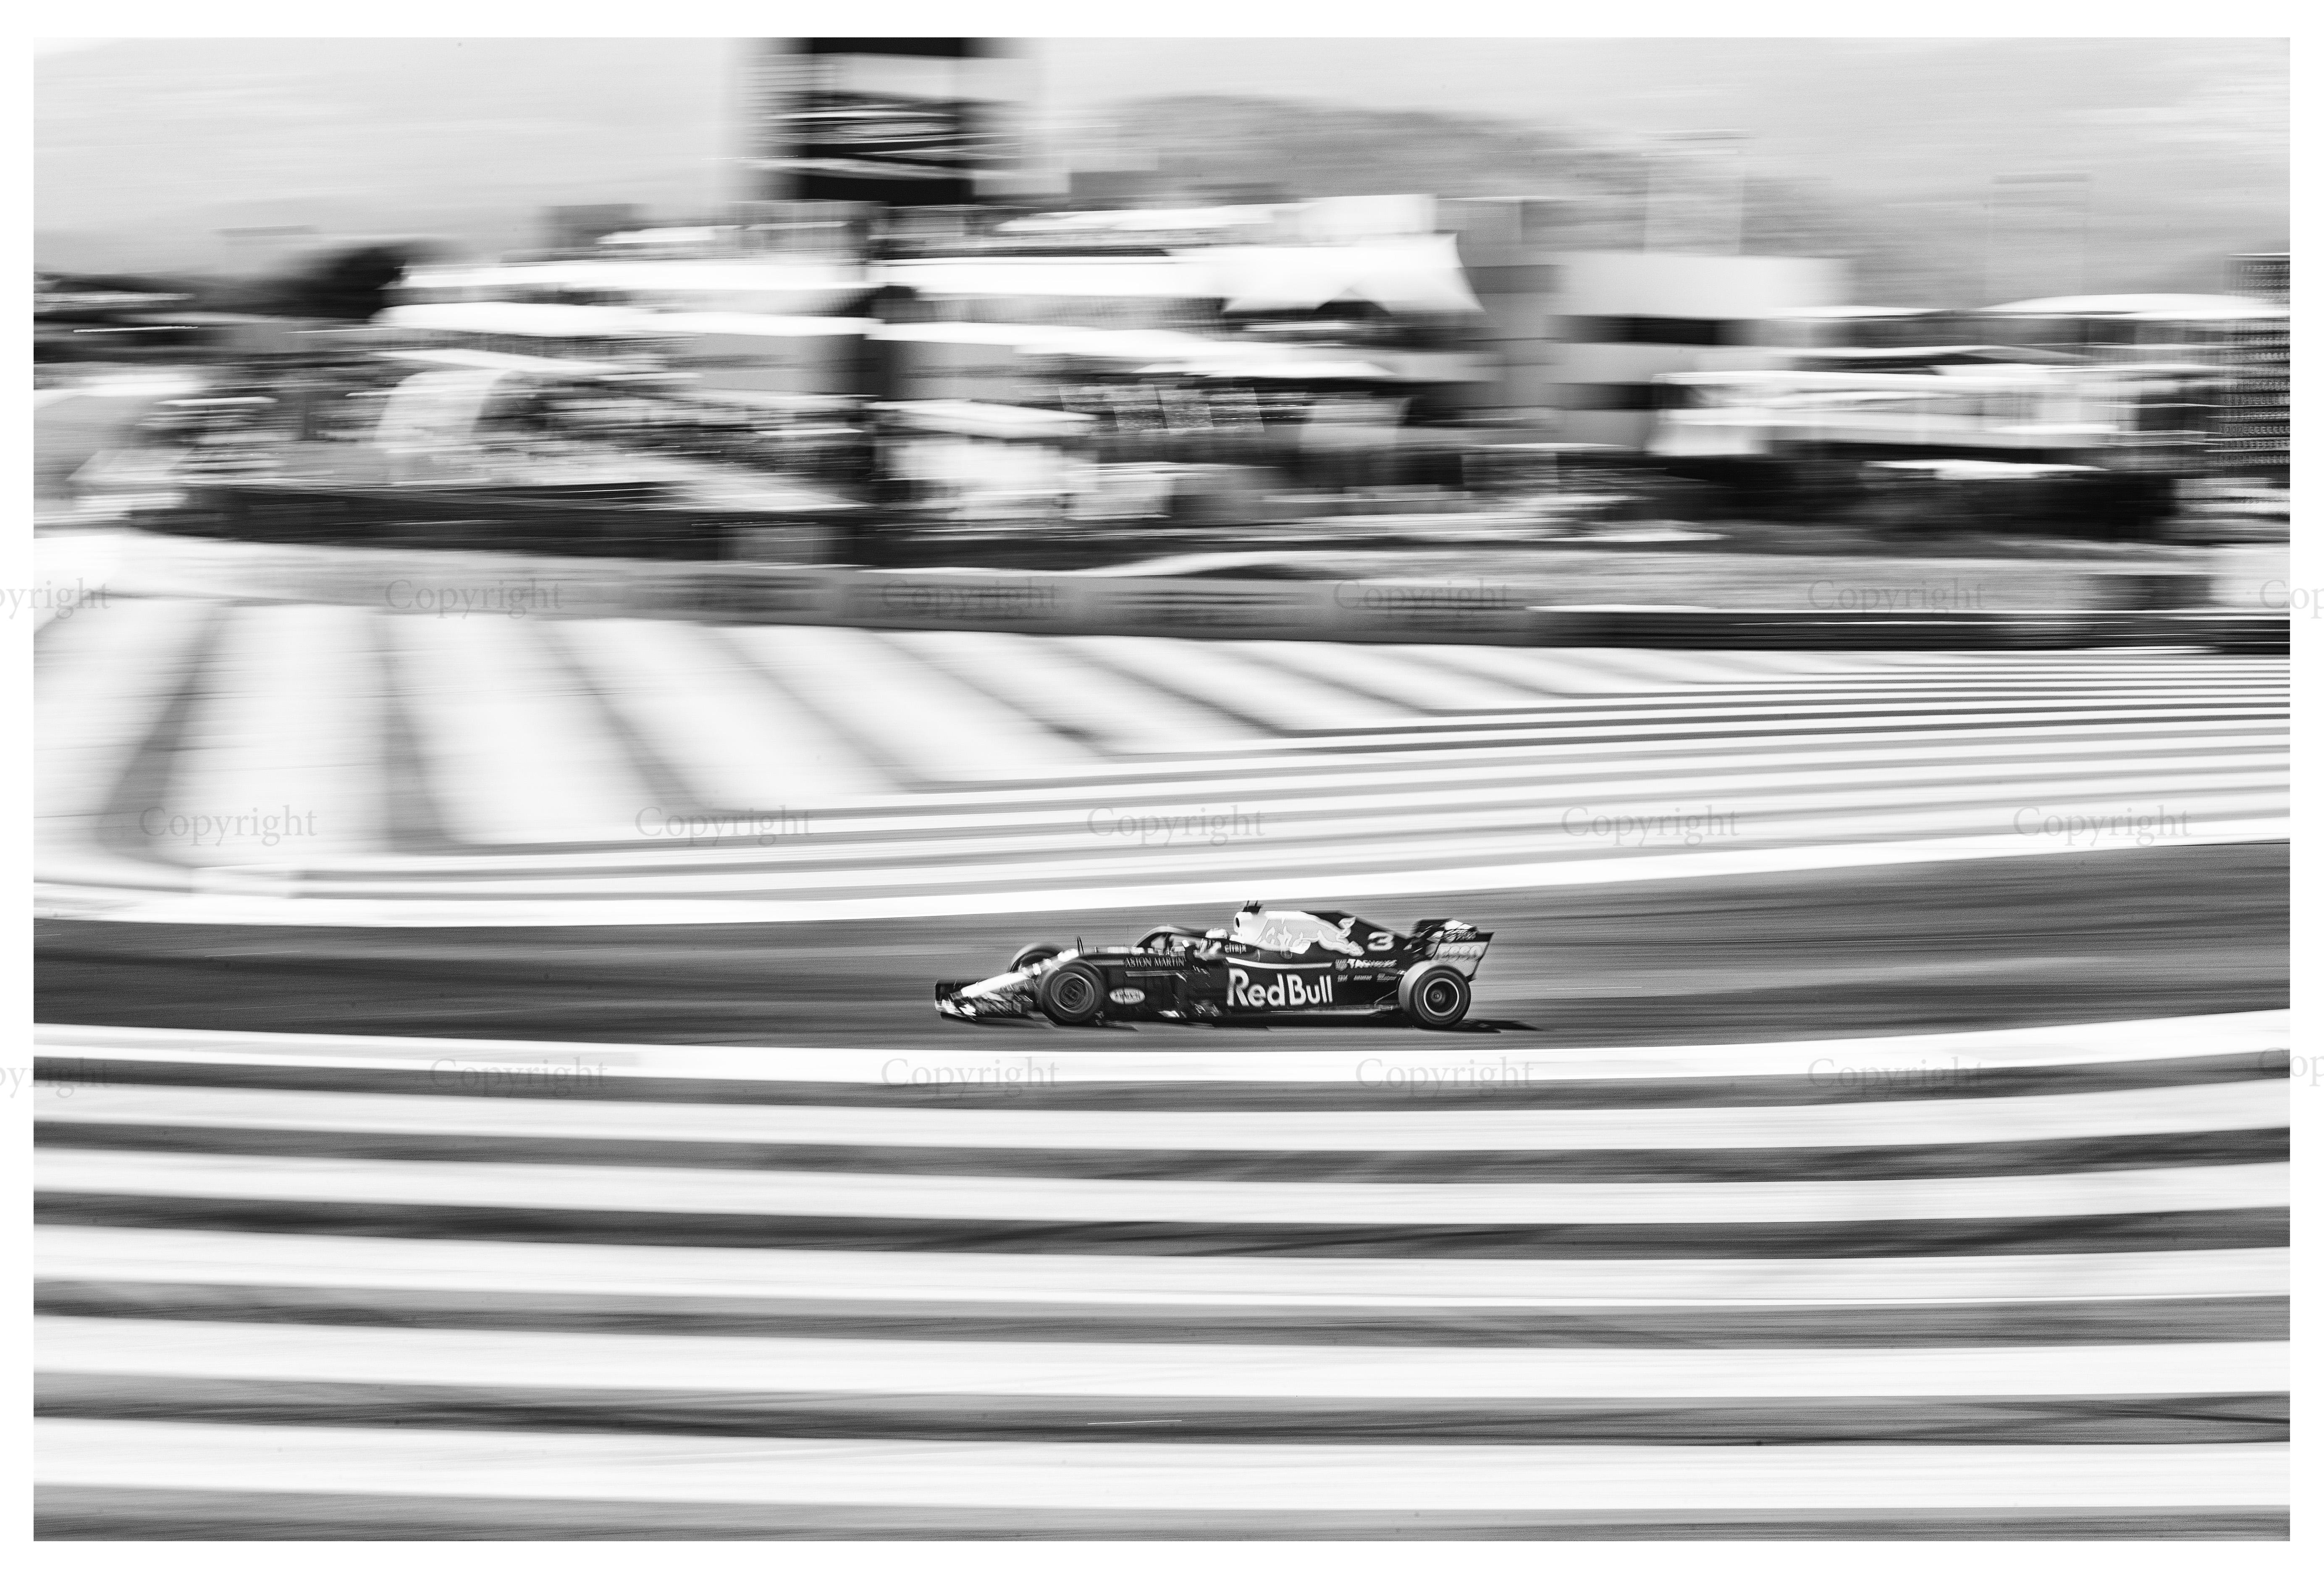 Ricciardo NB 2